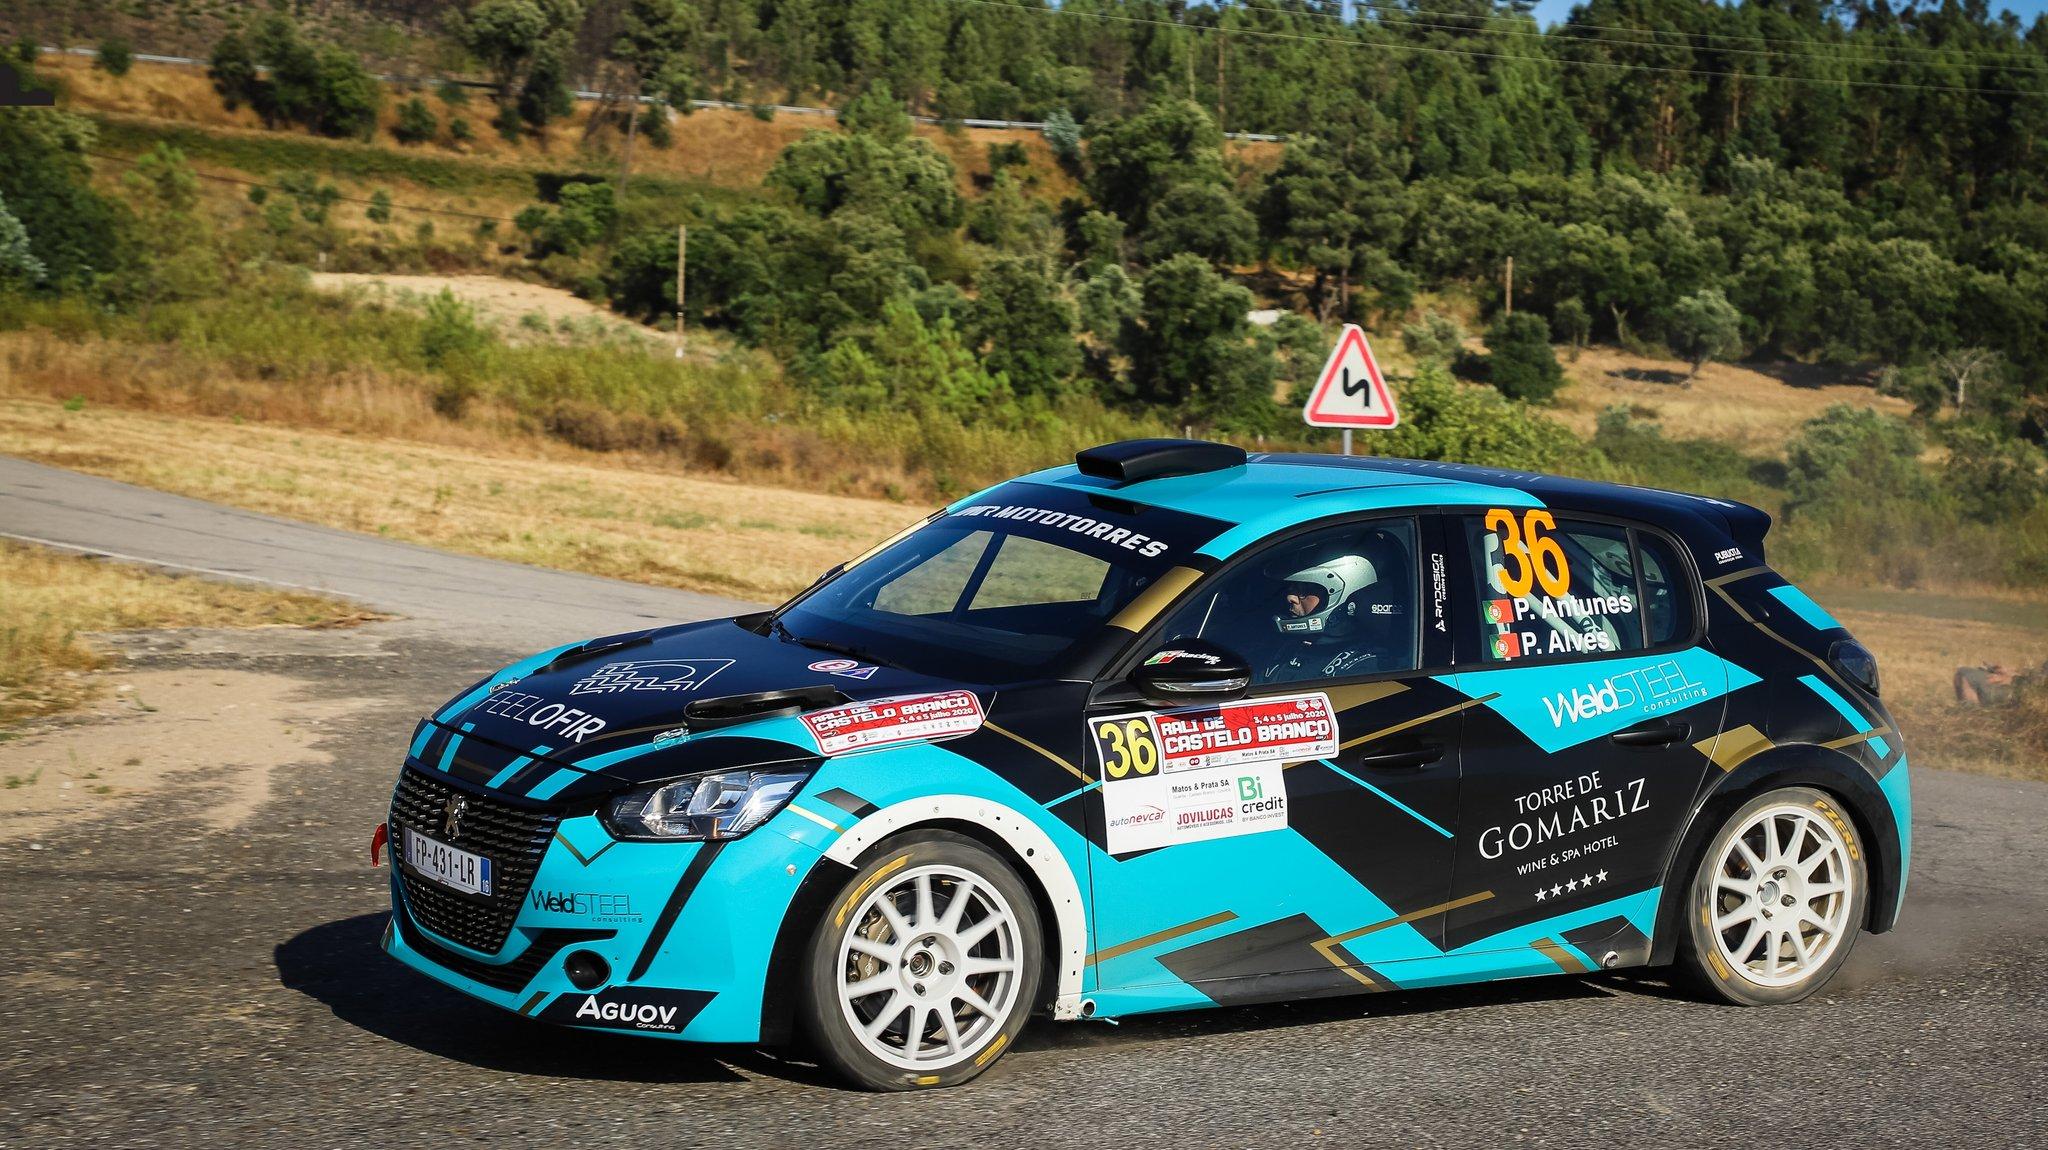 Antunes regala il successo alla Peugeot Rally4 al debutto